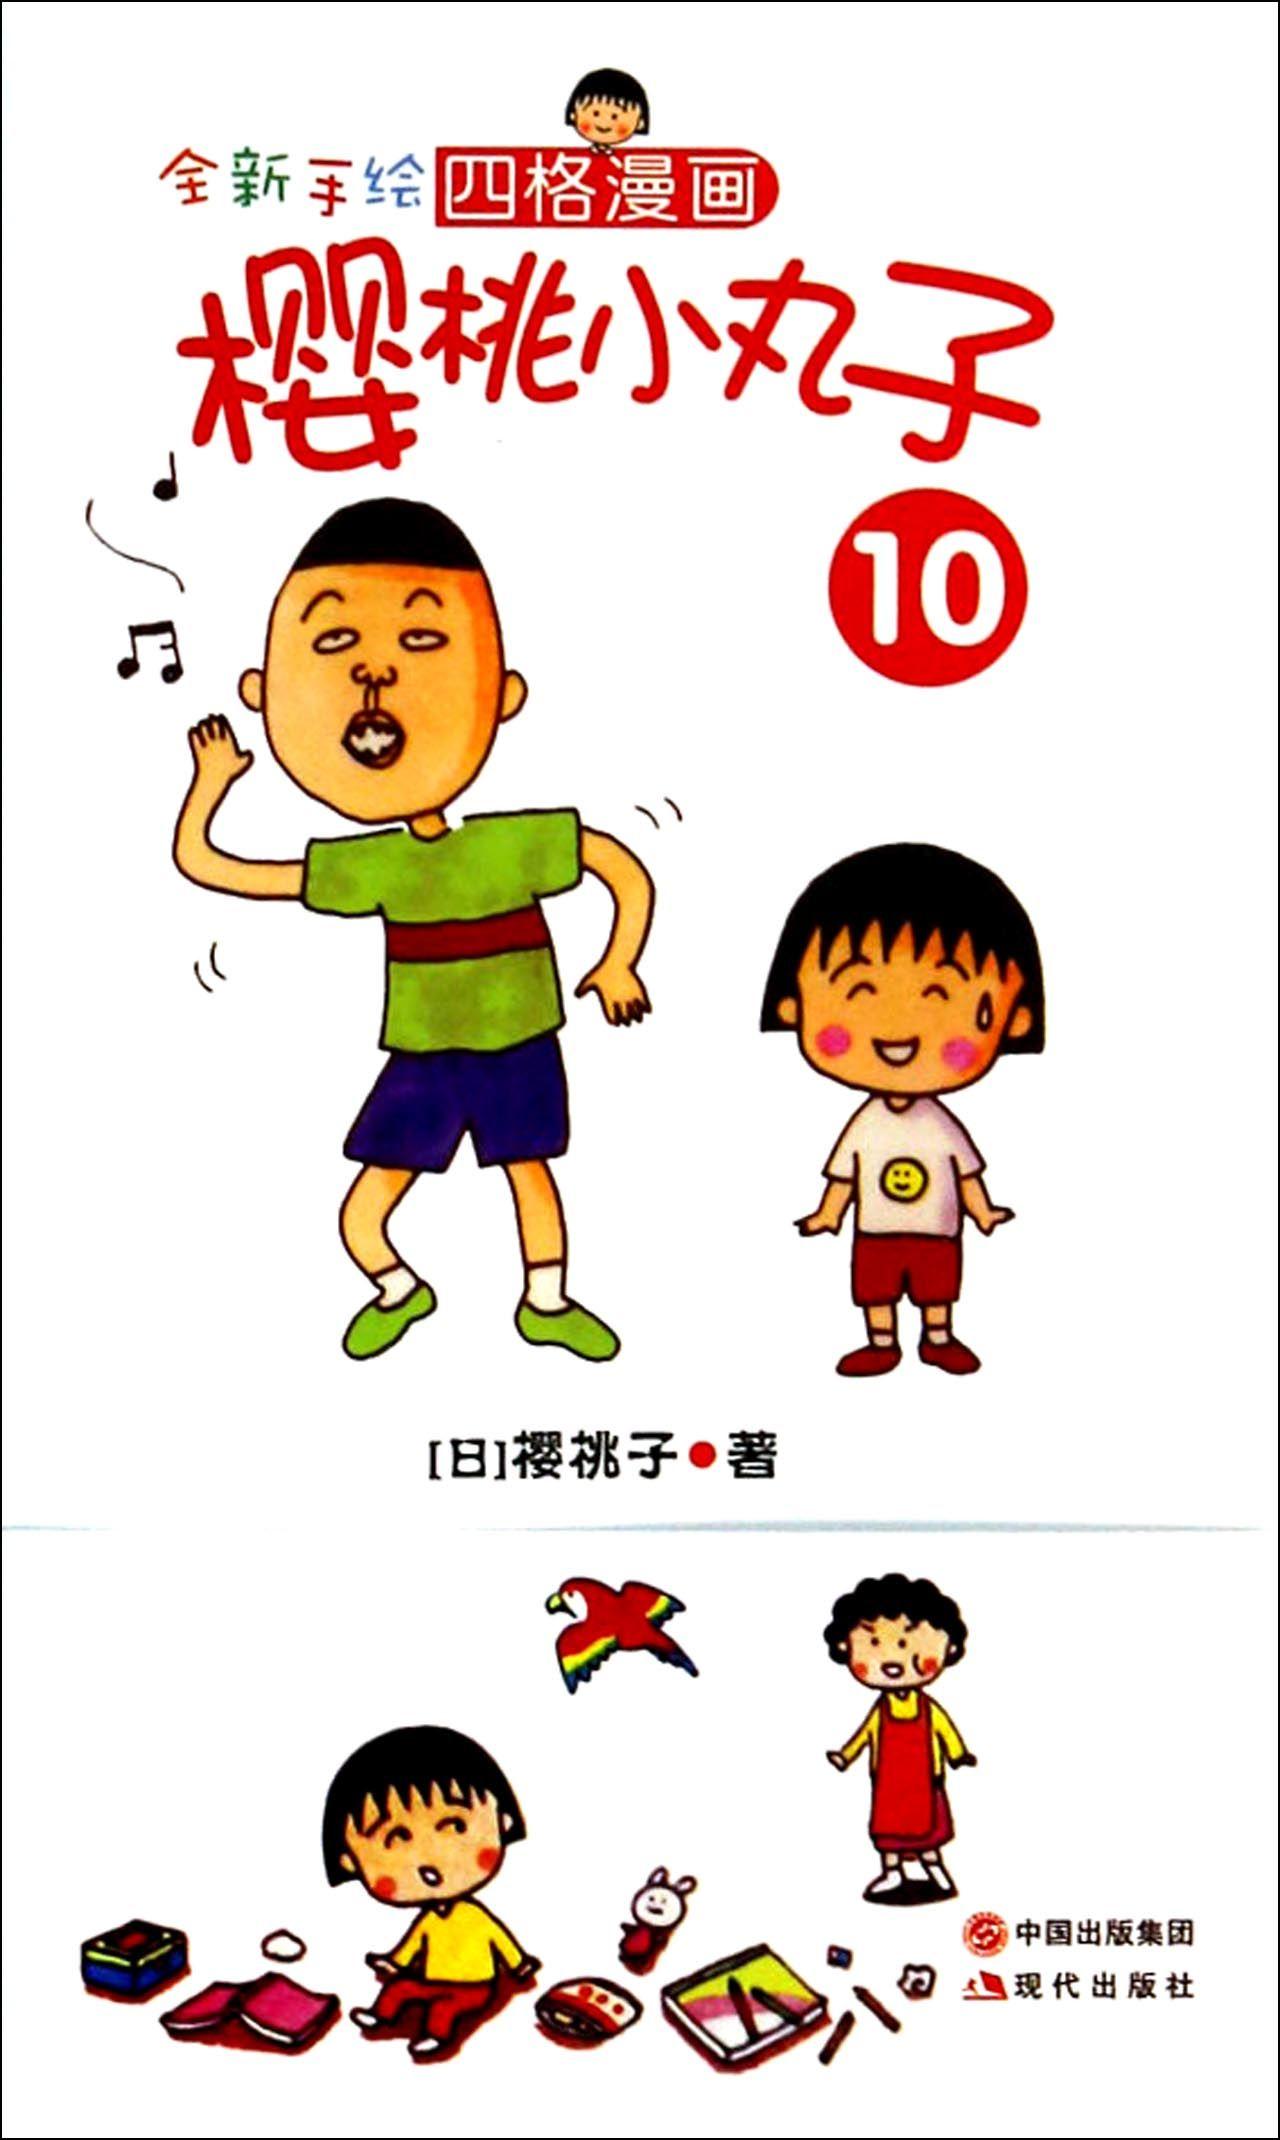 全新手绘四格漫画樱桃小丸子(10)